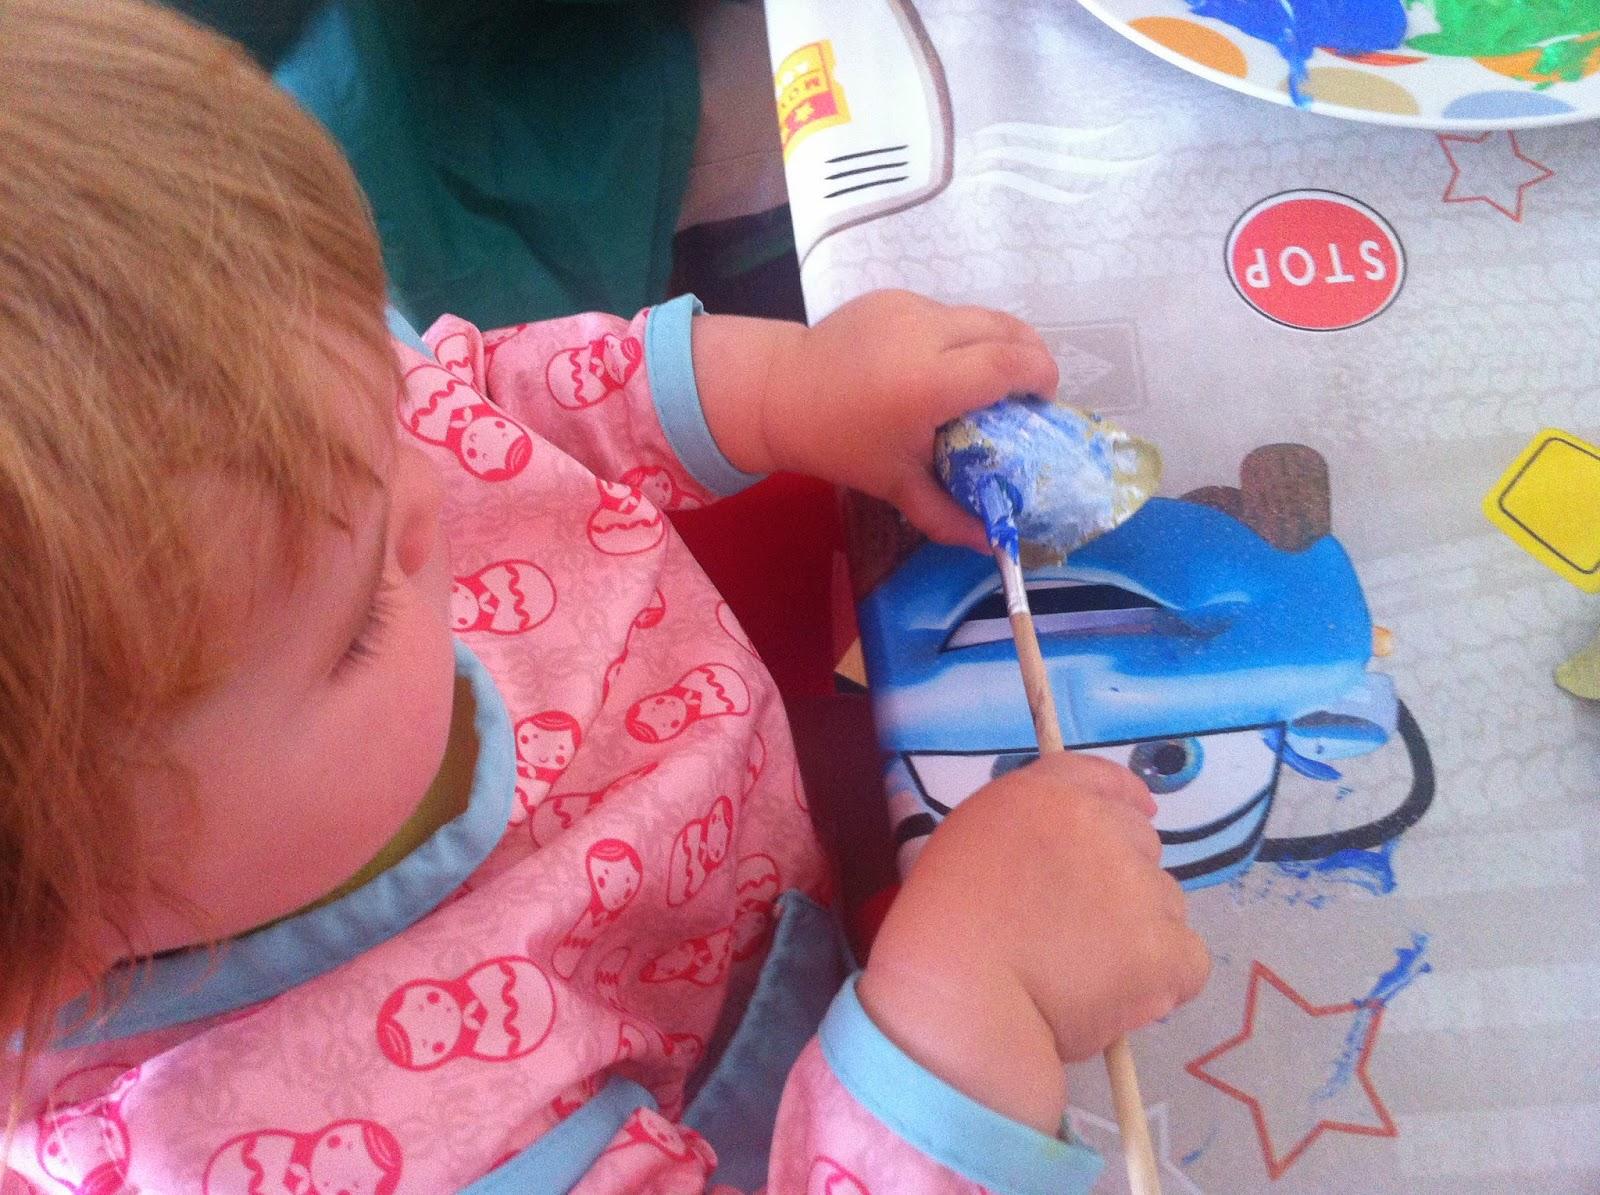 manualidades con niños para hacer flores recicladas, menuda tribu, ideas, actividades, bebés, pintura, creatividad, zaragoza, www.menudatribu.com